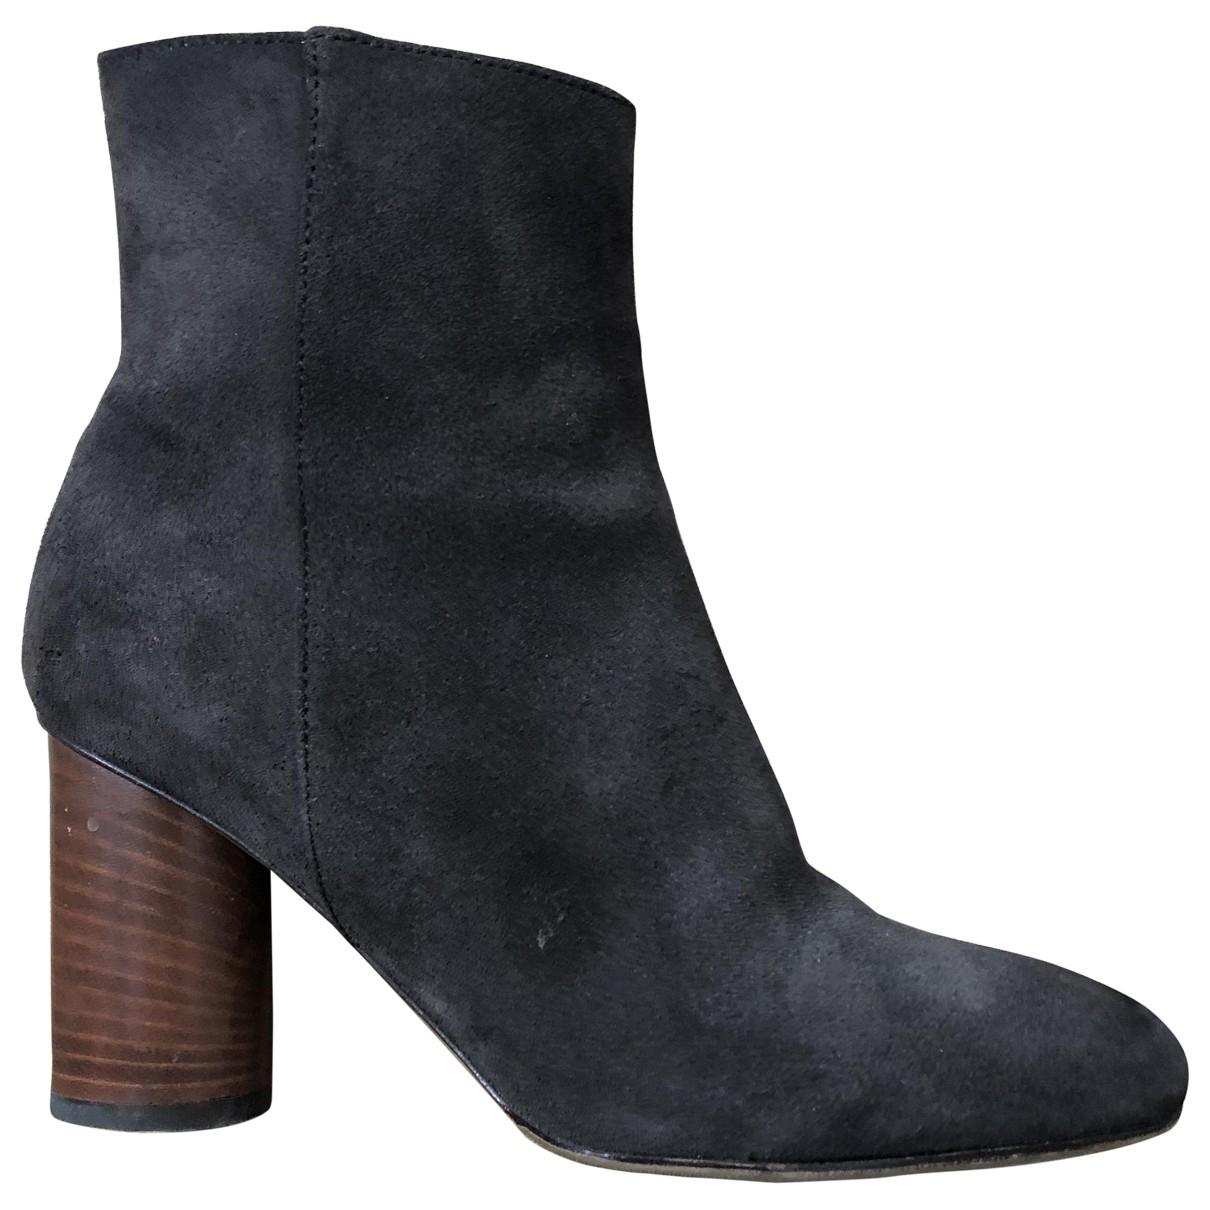 Jerome Dreyfuss - Boots   pour femme en suede - marron